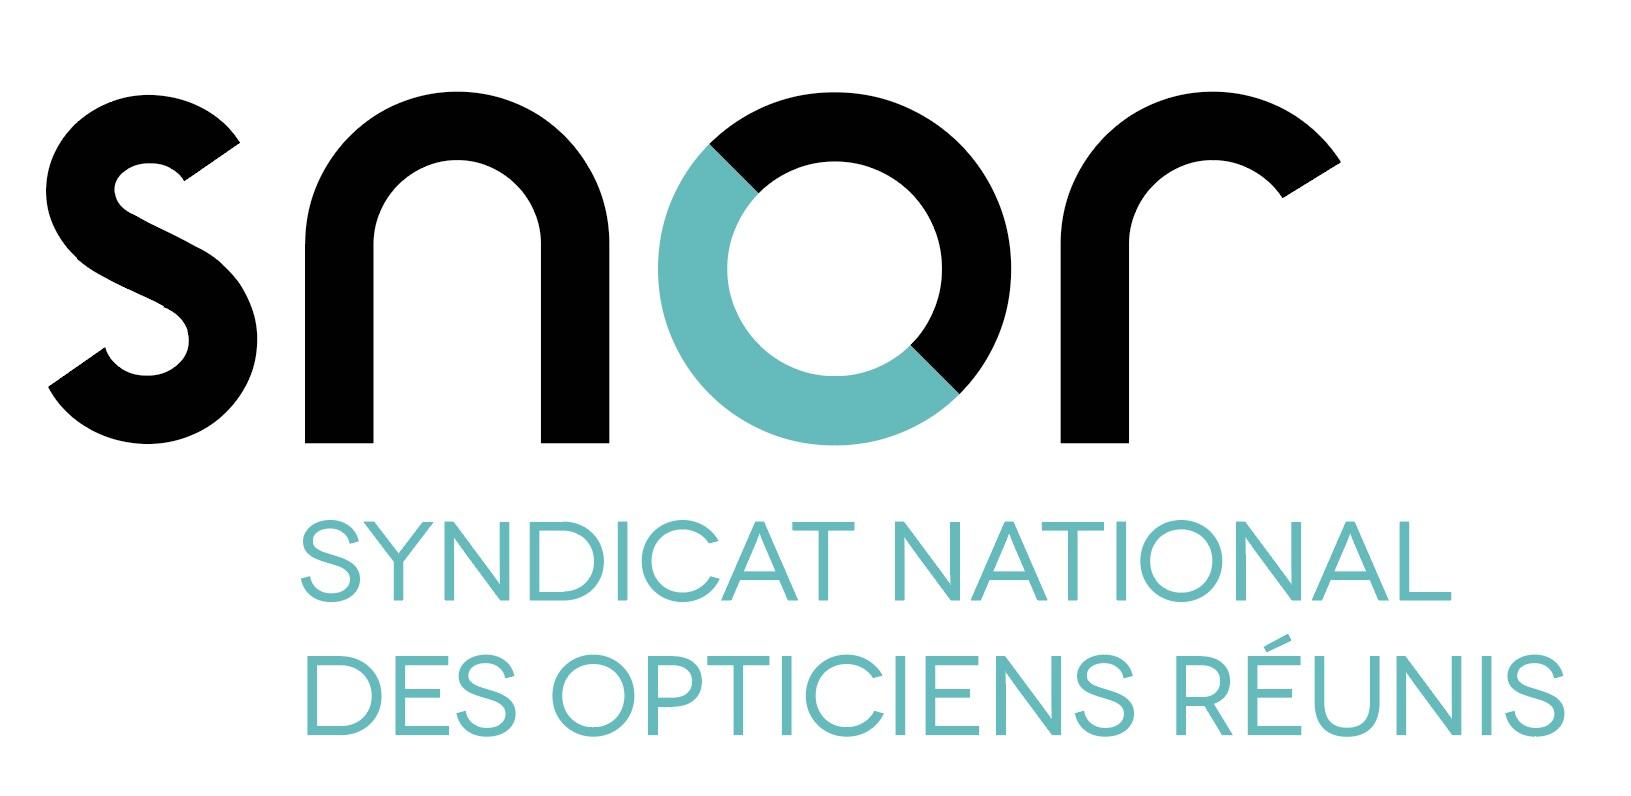 snor_logo.jpg